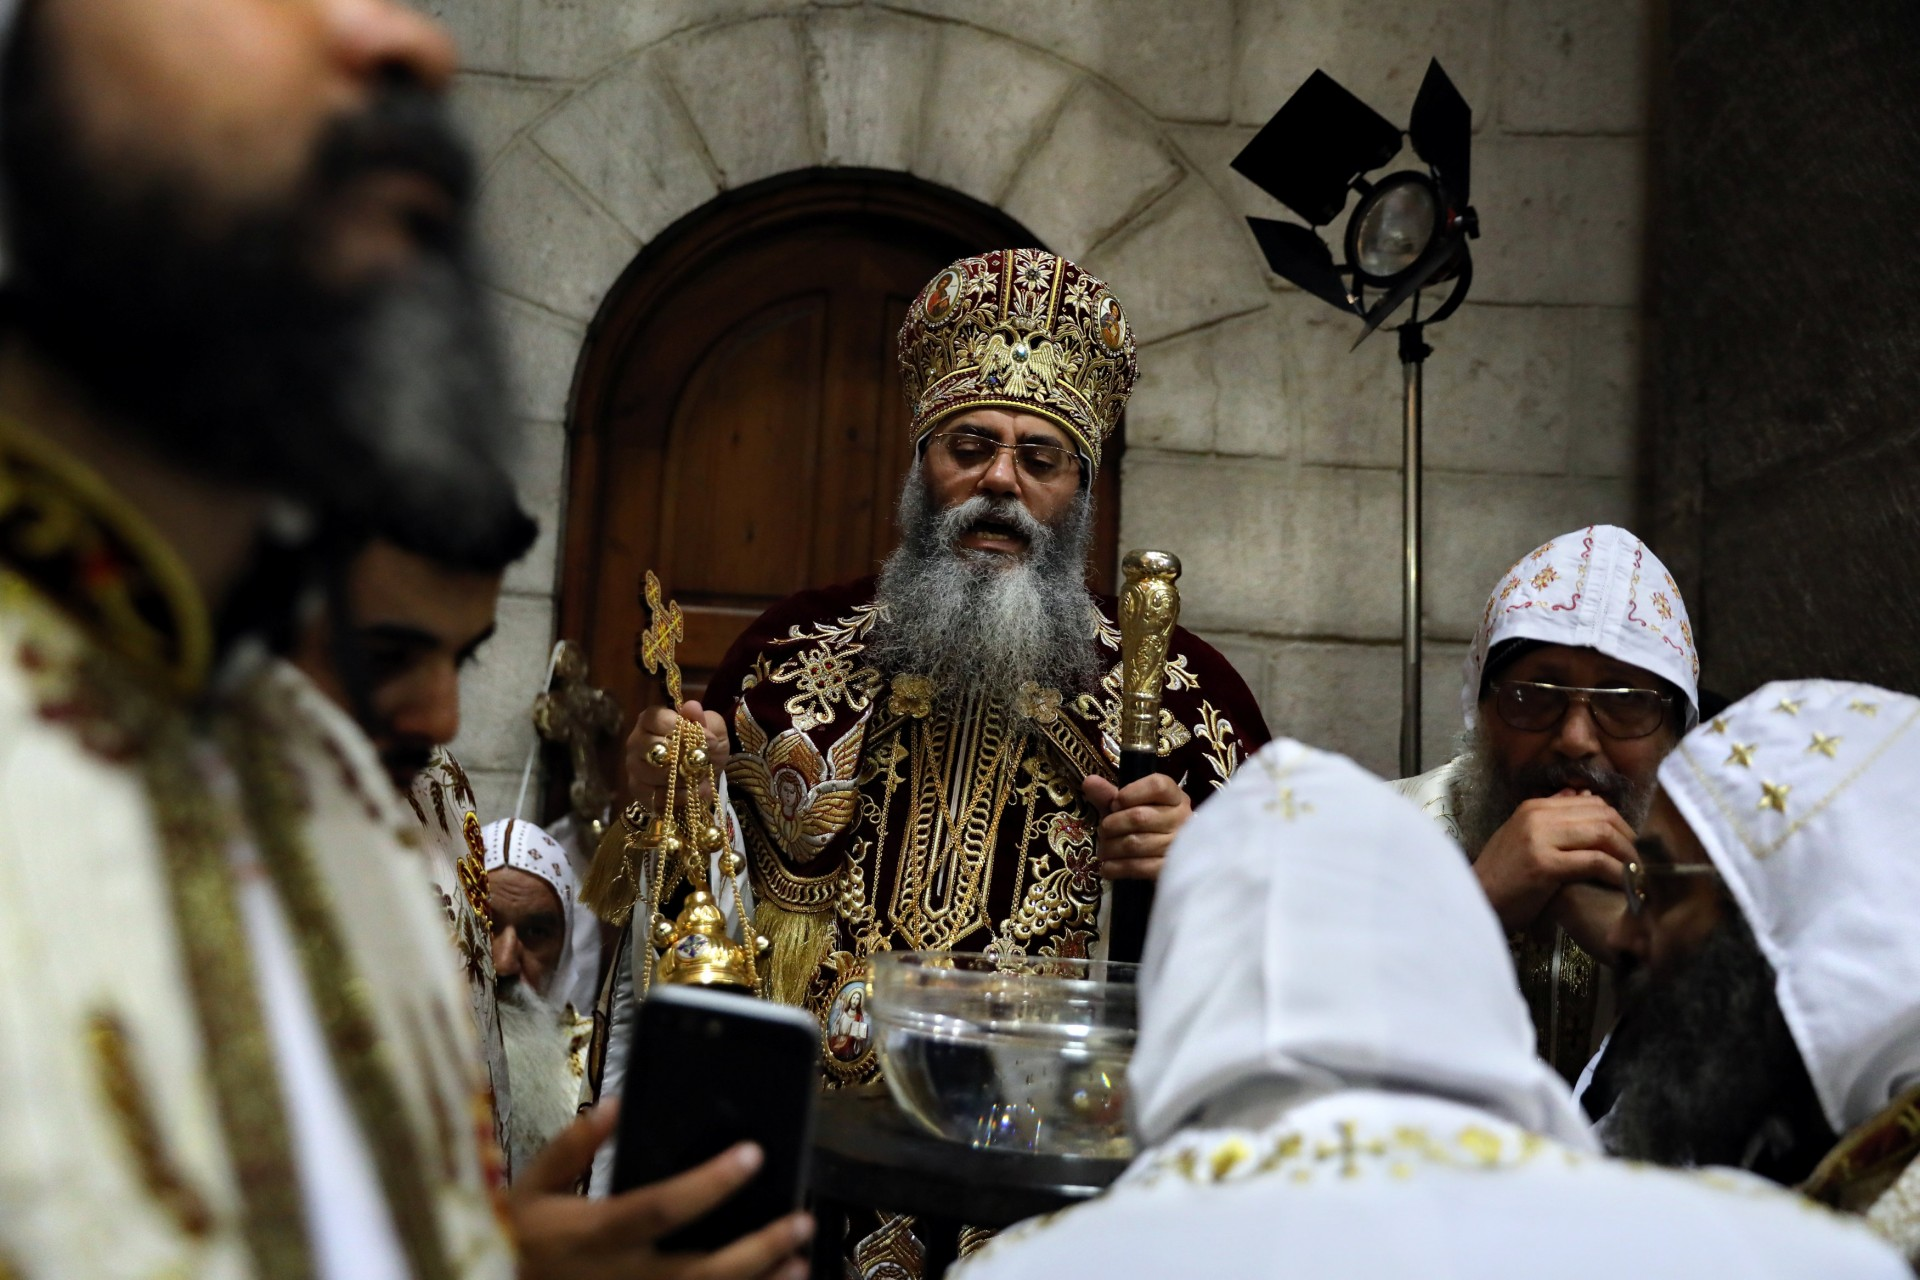 Su Eminencia el Arzobispo Anba Antonios, Copto Ortodoxo Metropolitano de Jerusalén y el Cercano Oriente, participa en una procesión del Domingo de Ramos en la Iglesia del Santo Sepulcro en la Ciudad Vieja de Jerusalén, 1 de abril de 2018.